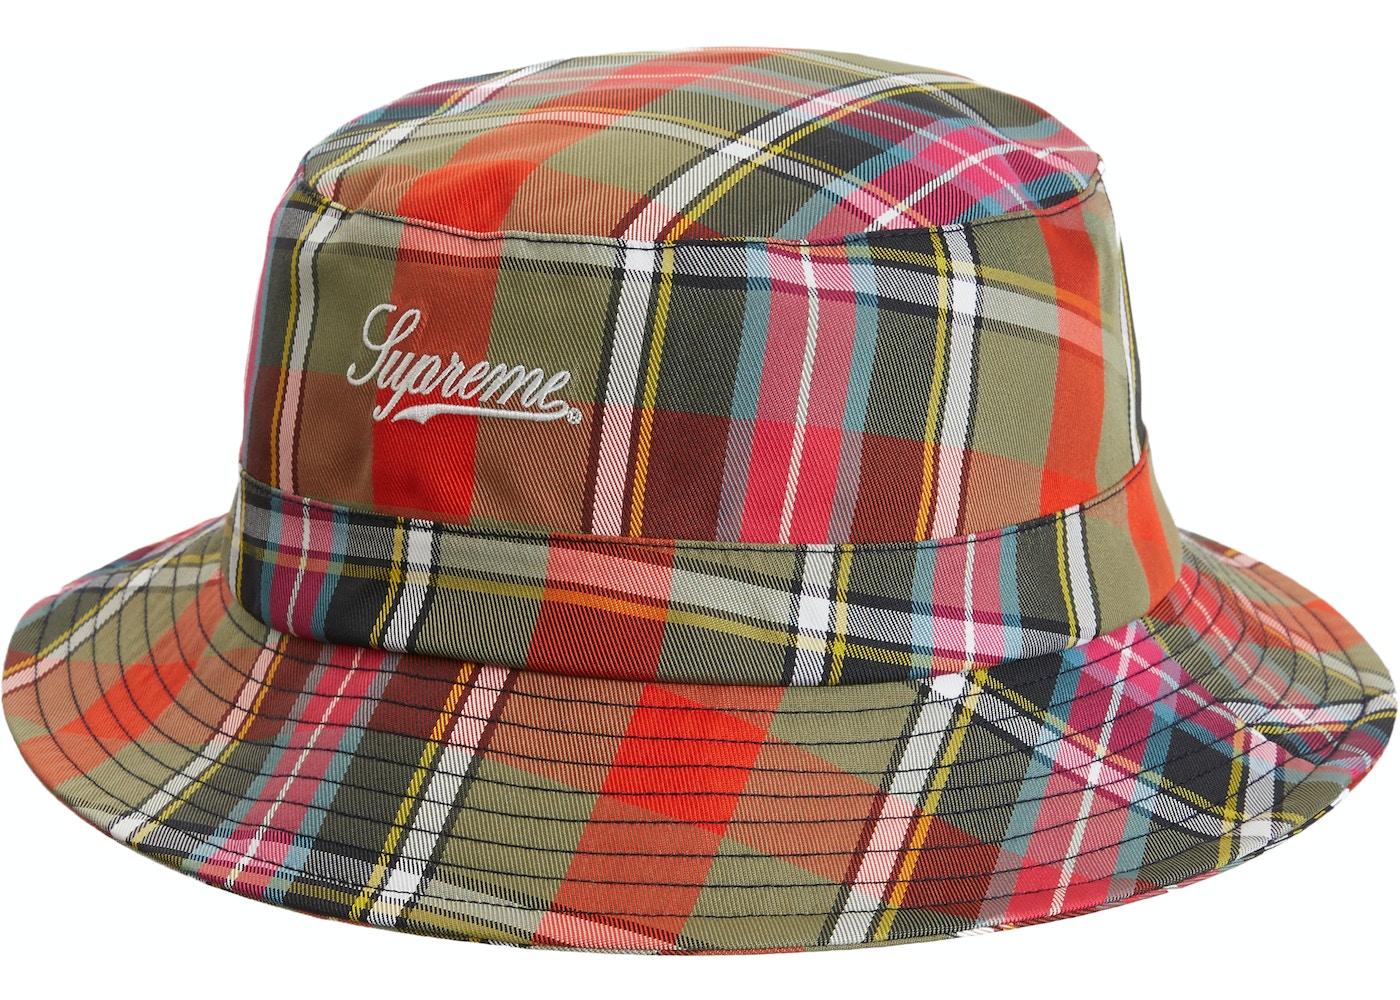 65e6730d9a439 Supreme Headwear - Buy   Sell Streetwear